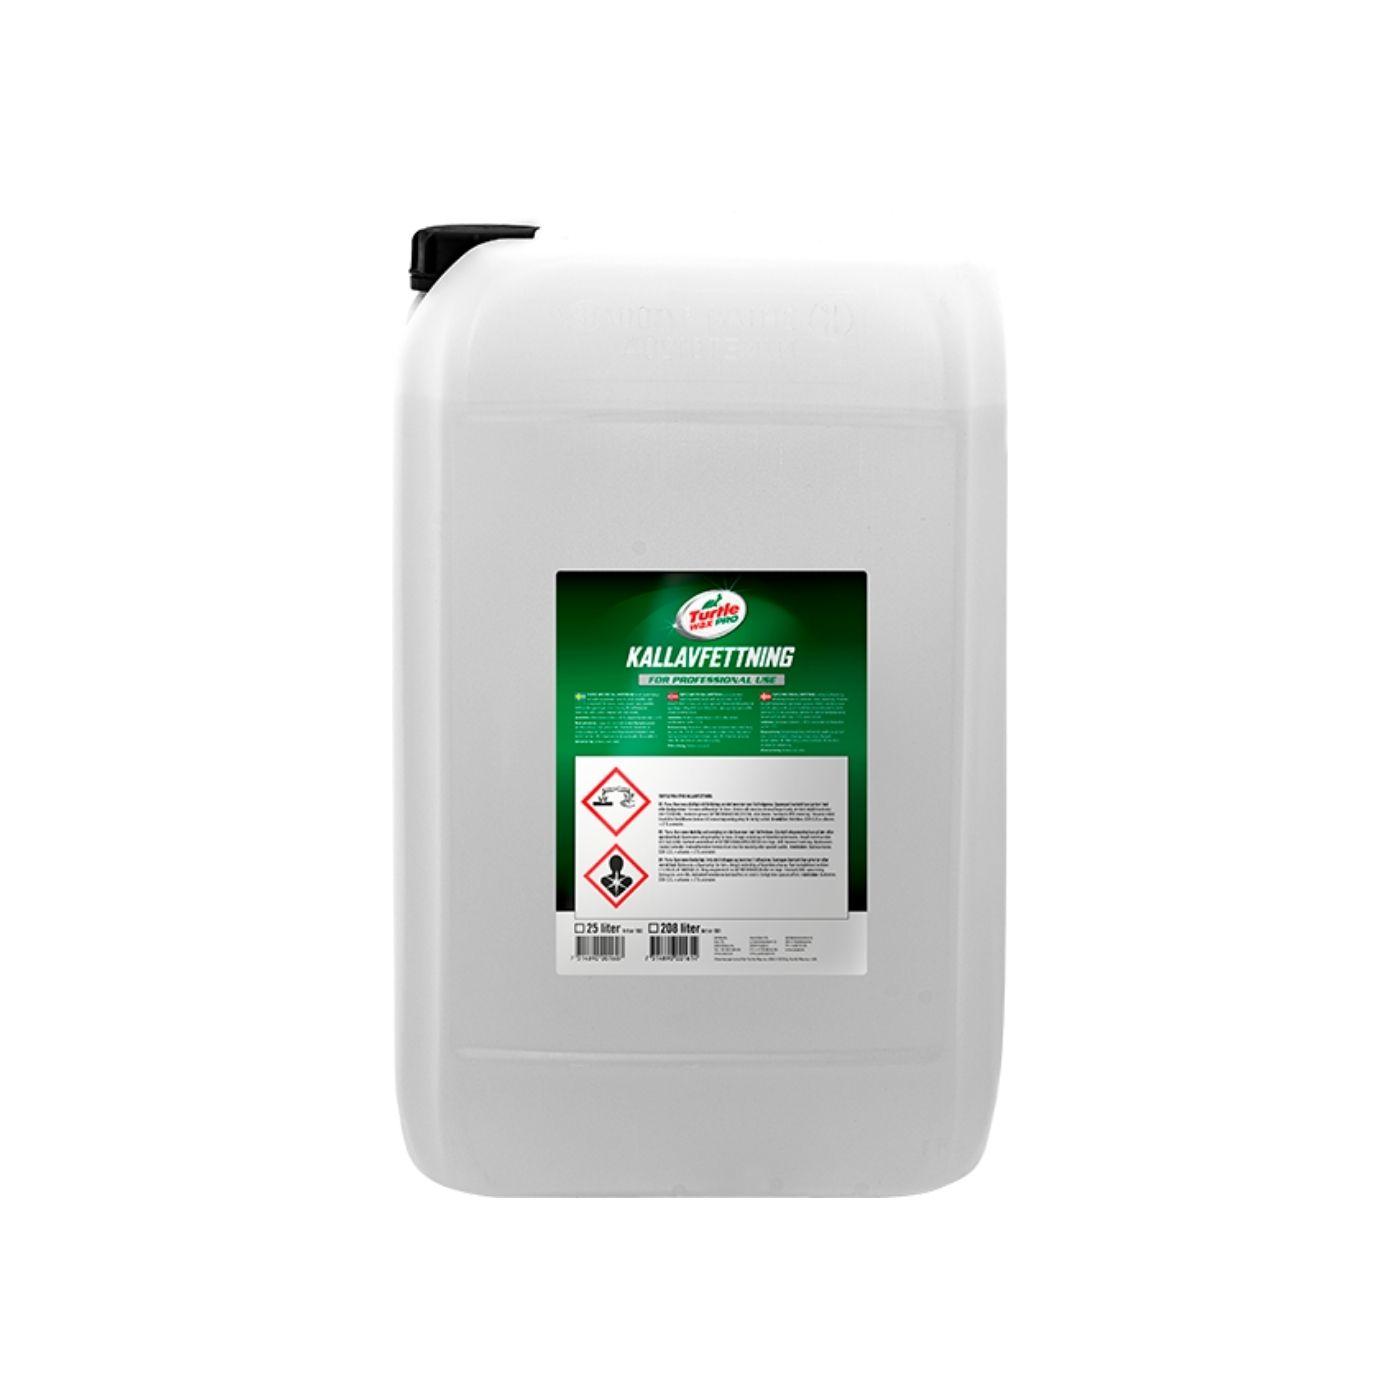 Asfaltslösare Turtle Wax Pro Kallavfettning, 25000 ml